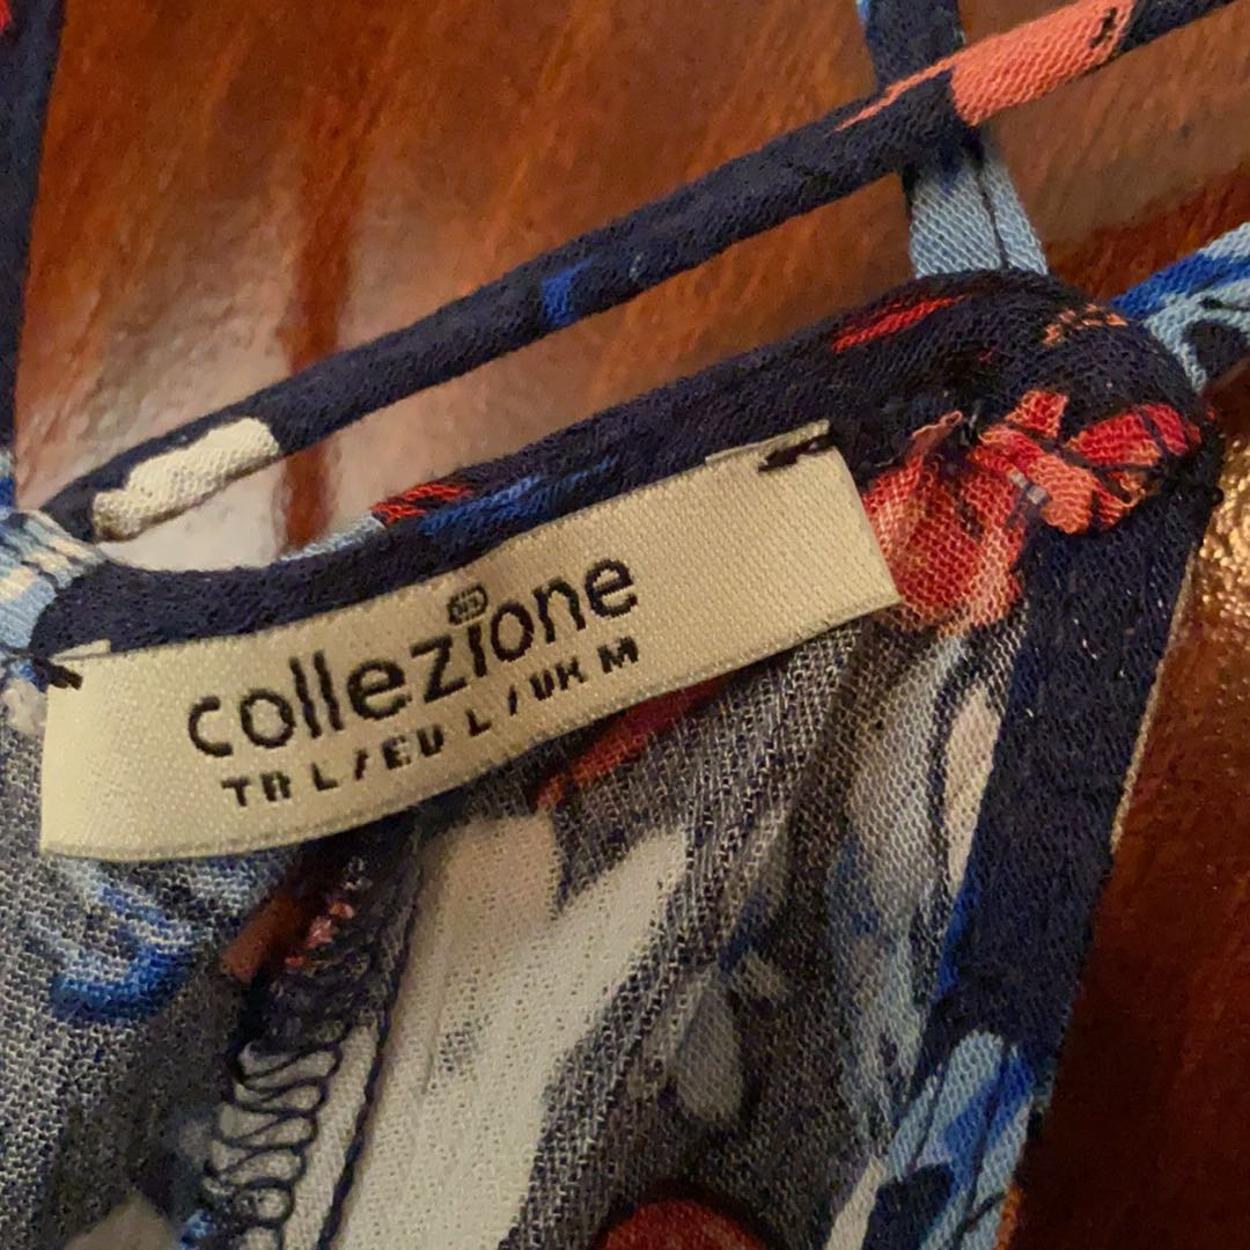 Collezione Bluz